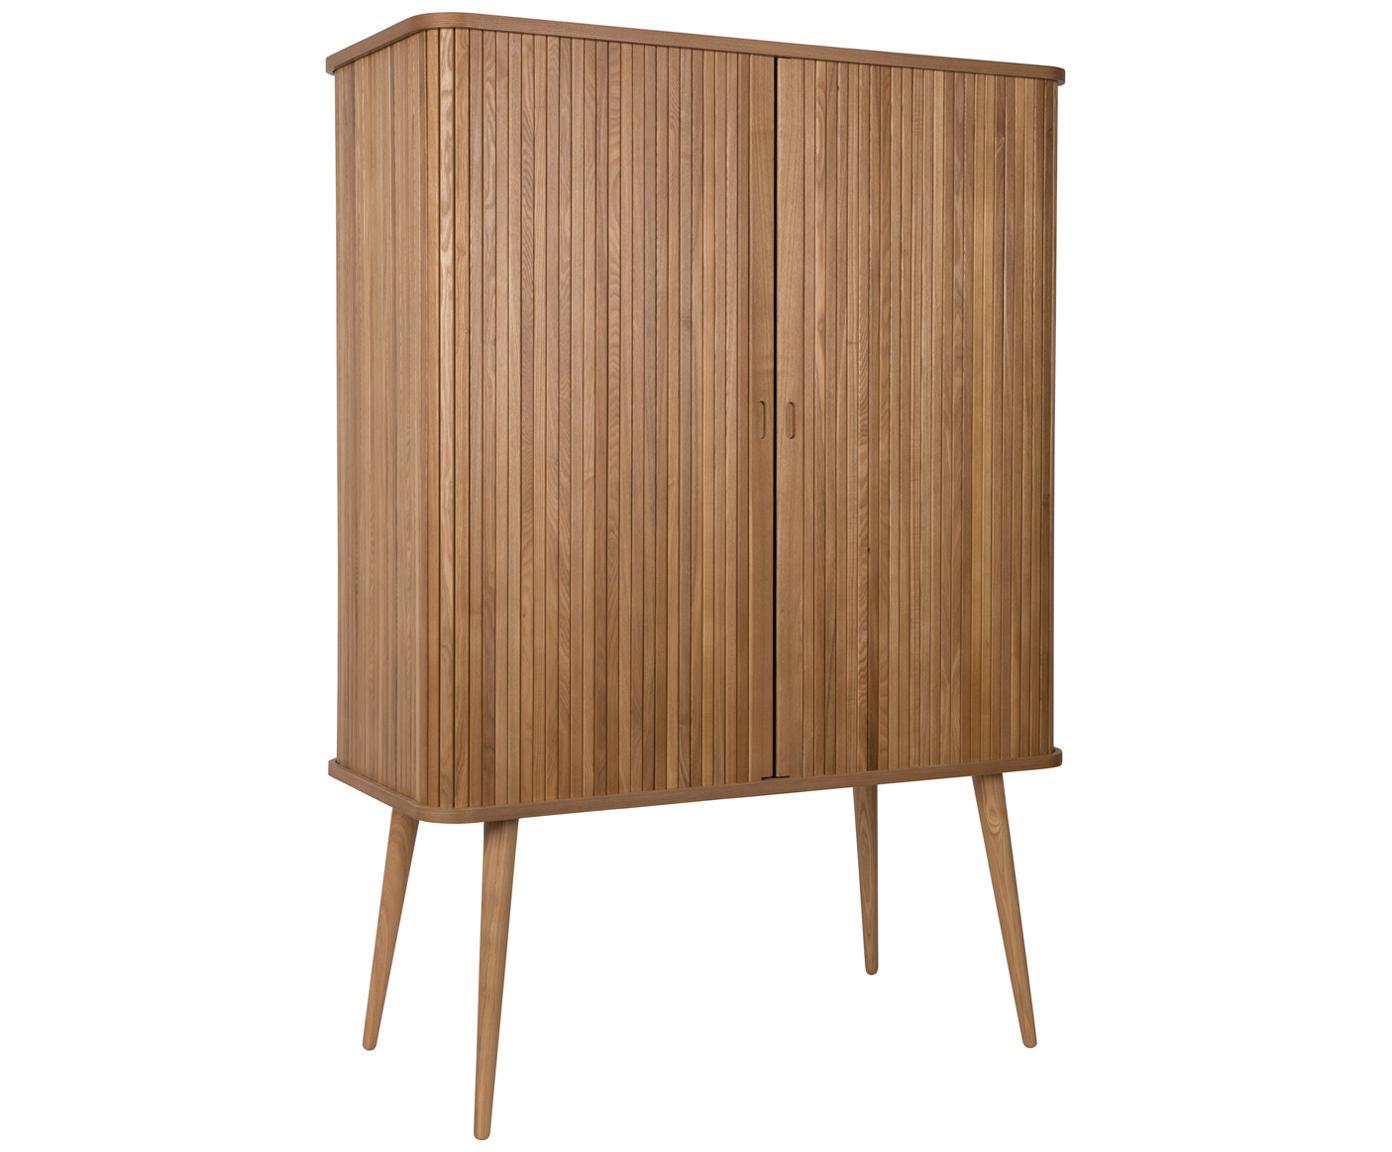 Highboard Barbier im Retro Design, Korpus: Mitteldichte Holzfaserpla, Einlegeböden: Glas, Korpus: Braun<br>Schiebetüren: Eschenholz<br>Einlegeböden: Transparent, 100 x 140 cm